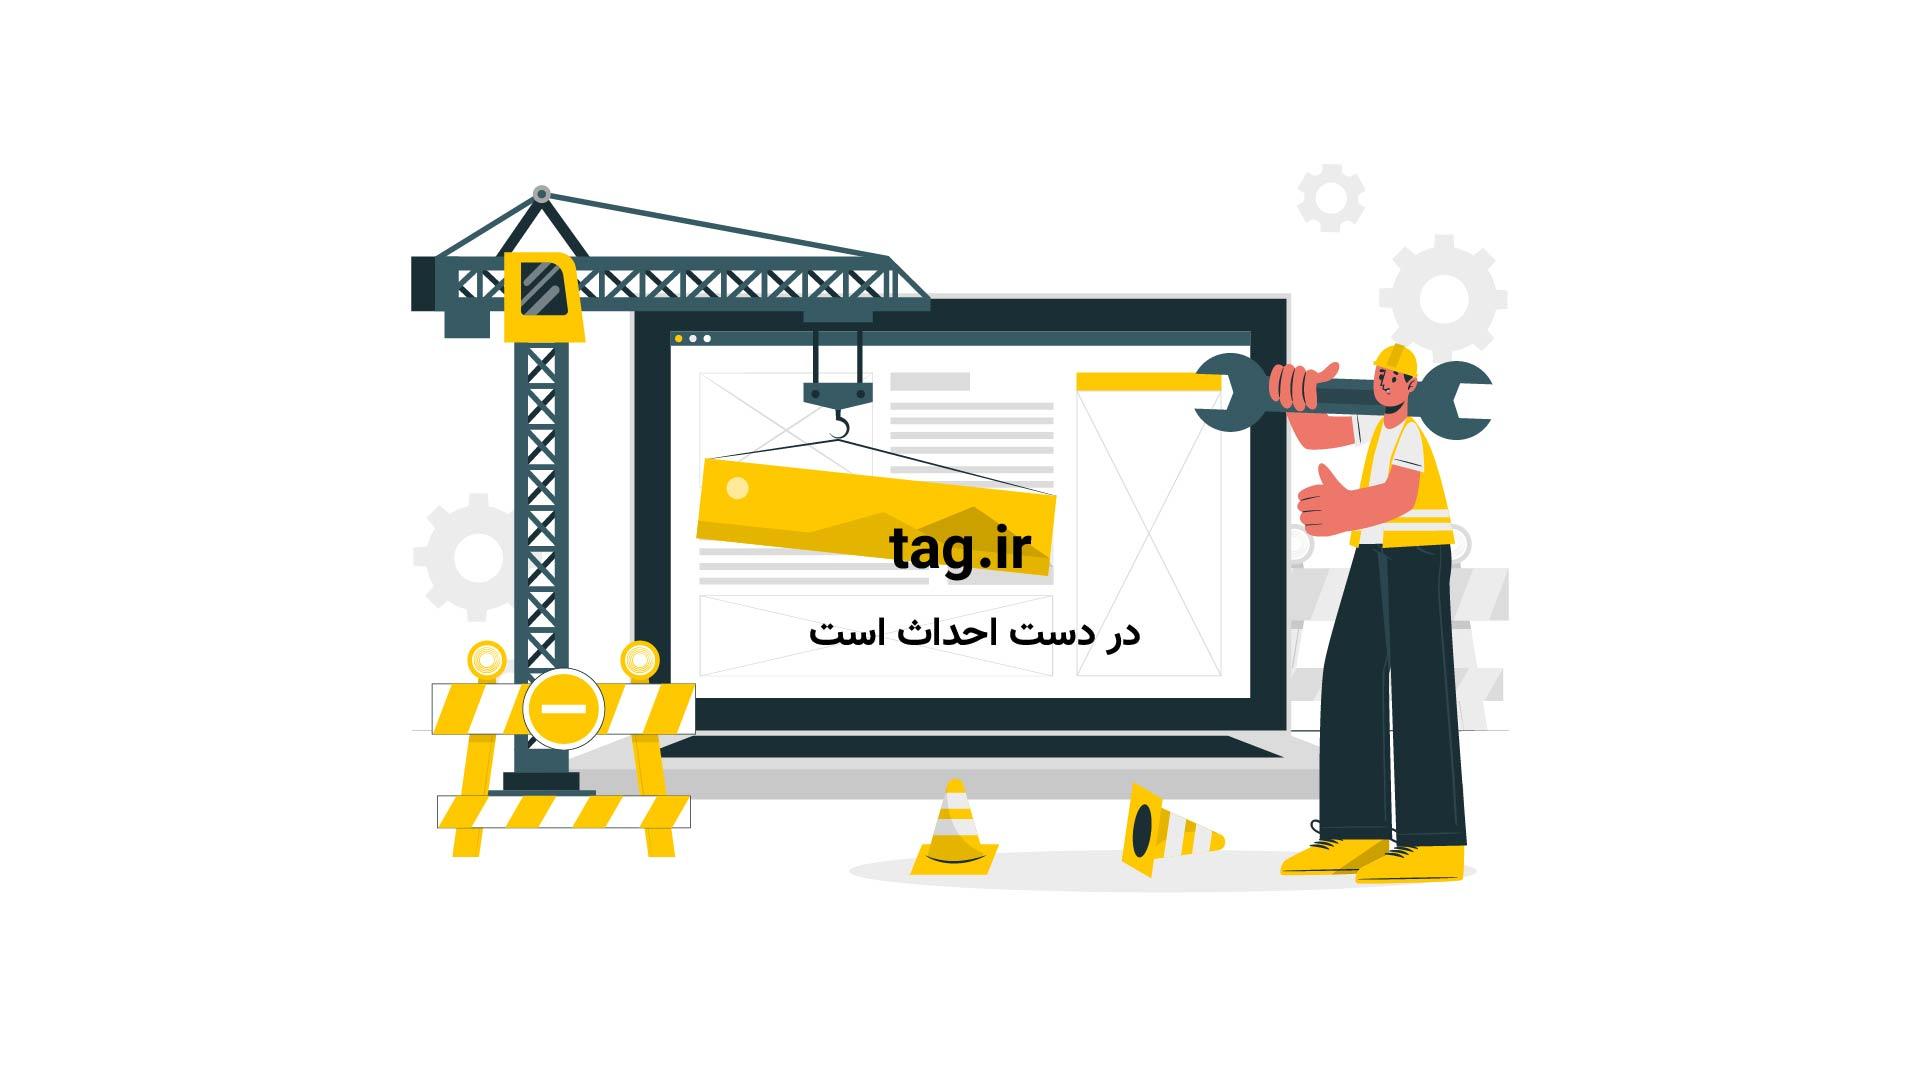 دستور تهیه کیک شکلاتی بسیار خوشمزه|تگ